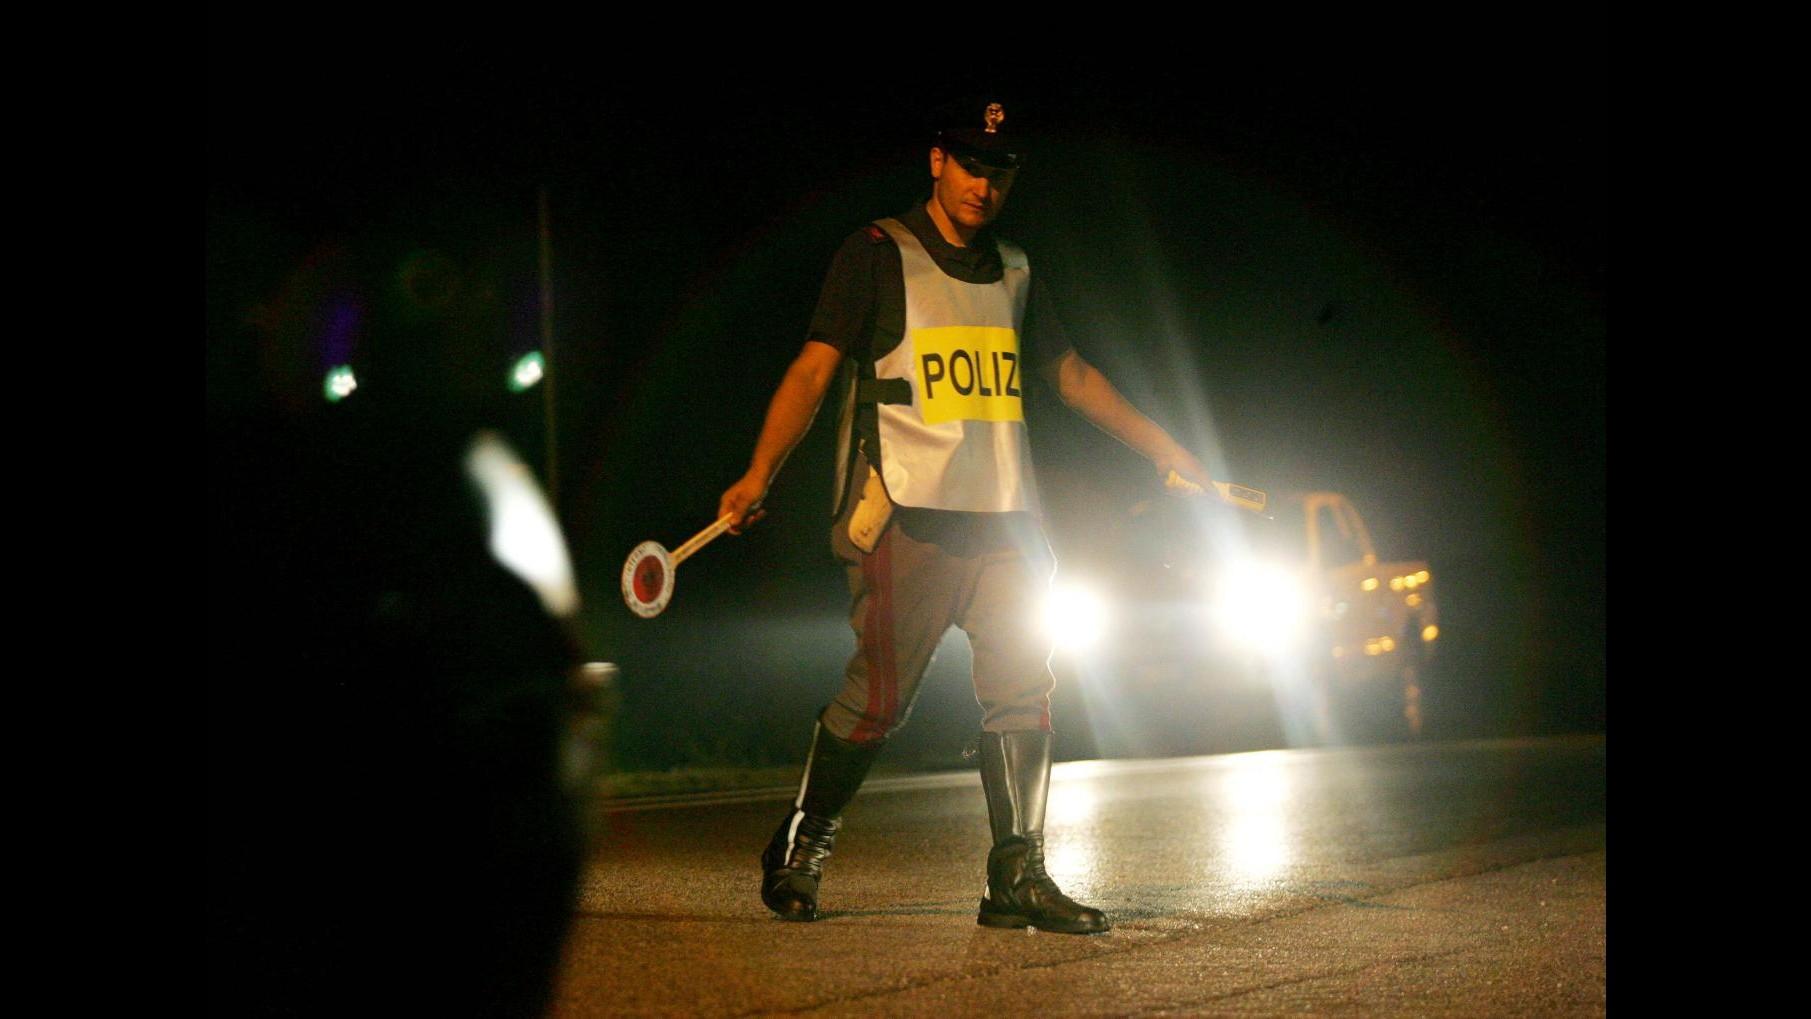 Napoli, sei arresti per tangenti in Comune a San Giorgio. In manette politici e funzionari